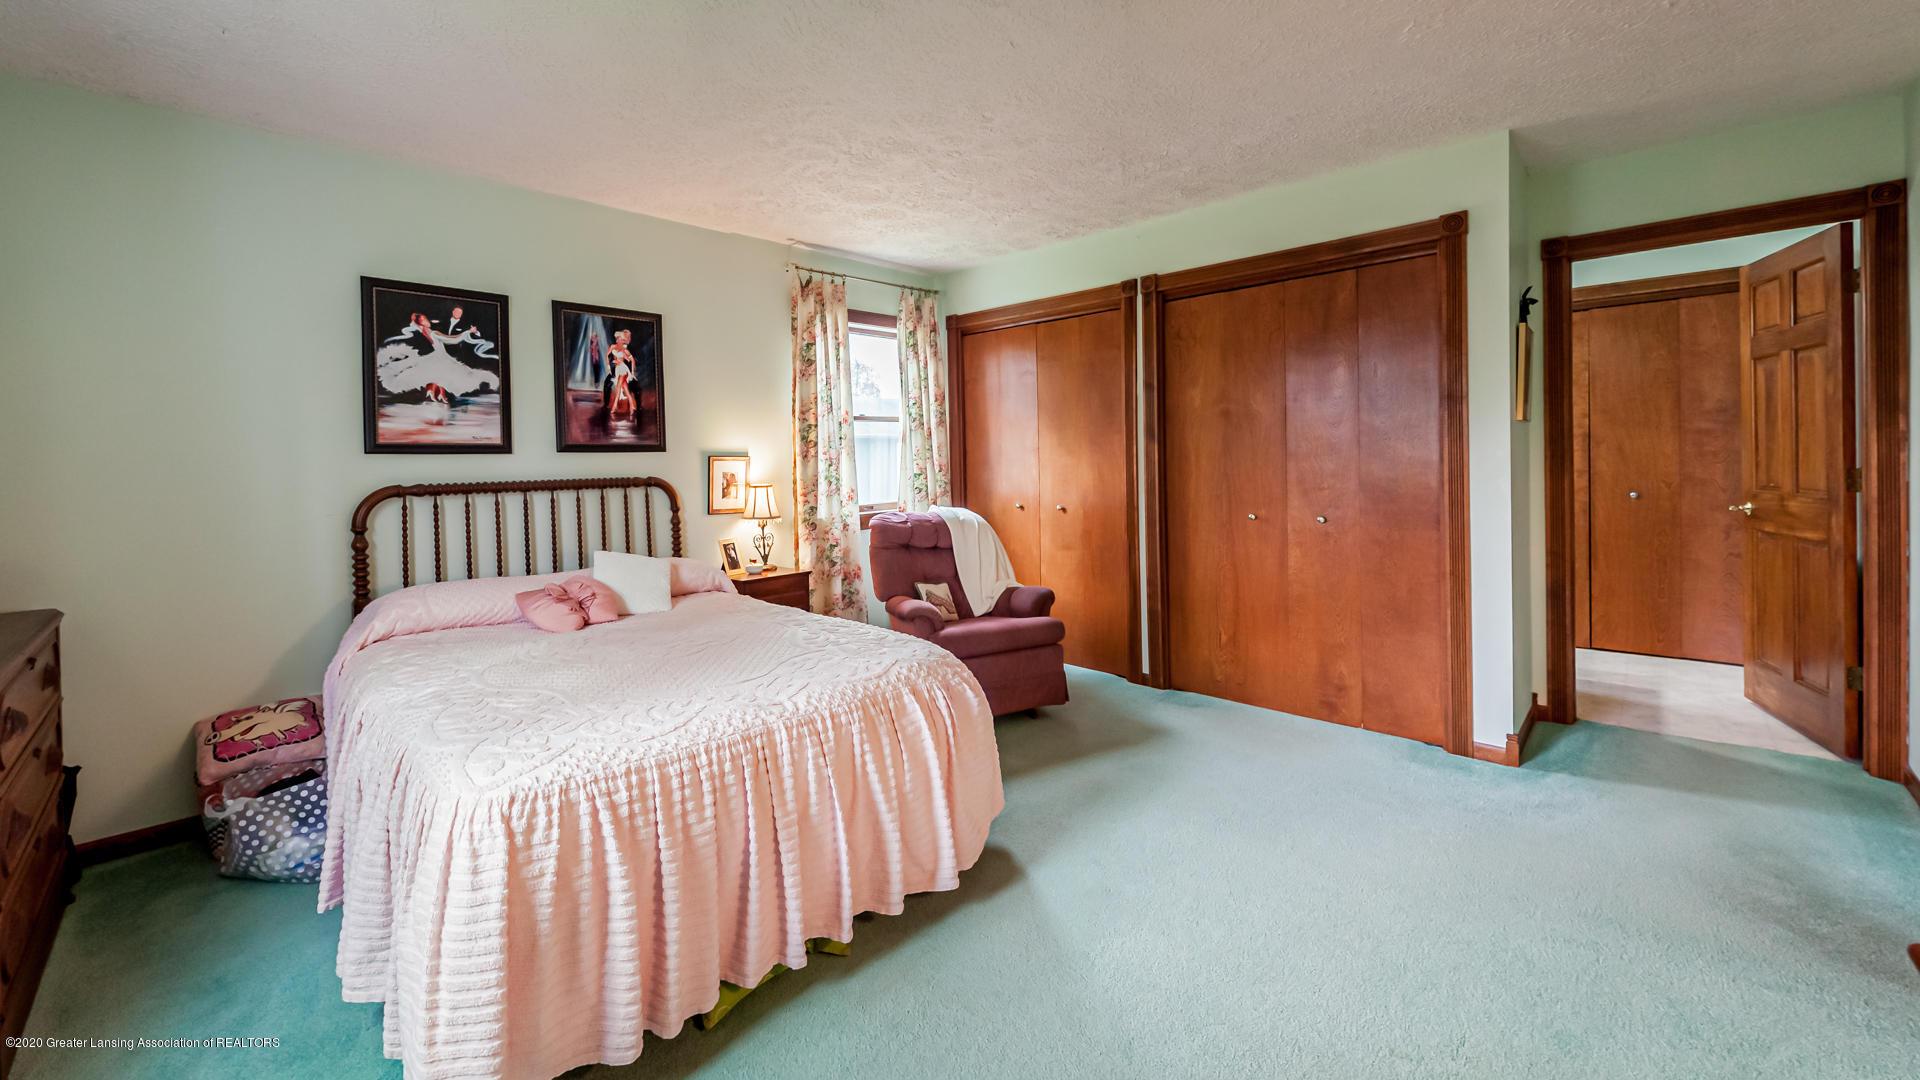 815 W Jefferson St - Bedroom - 17